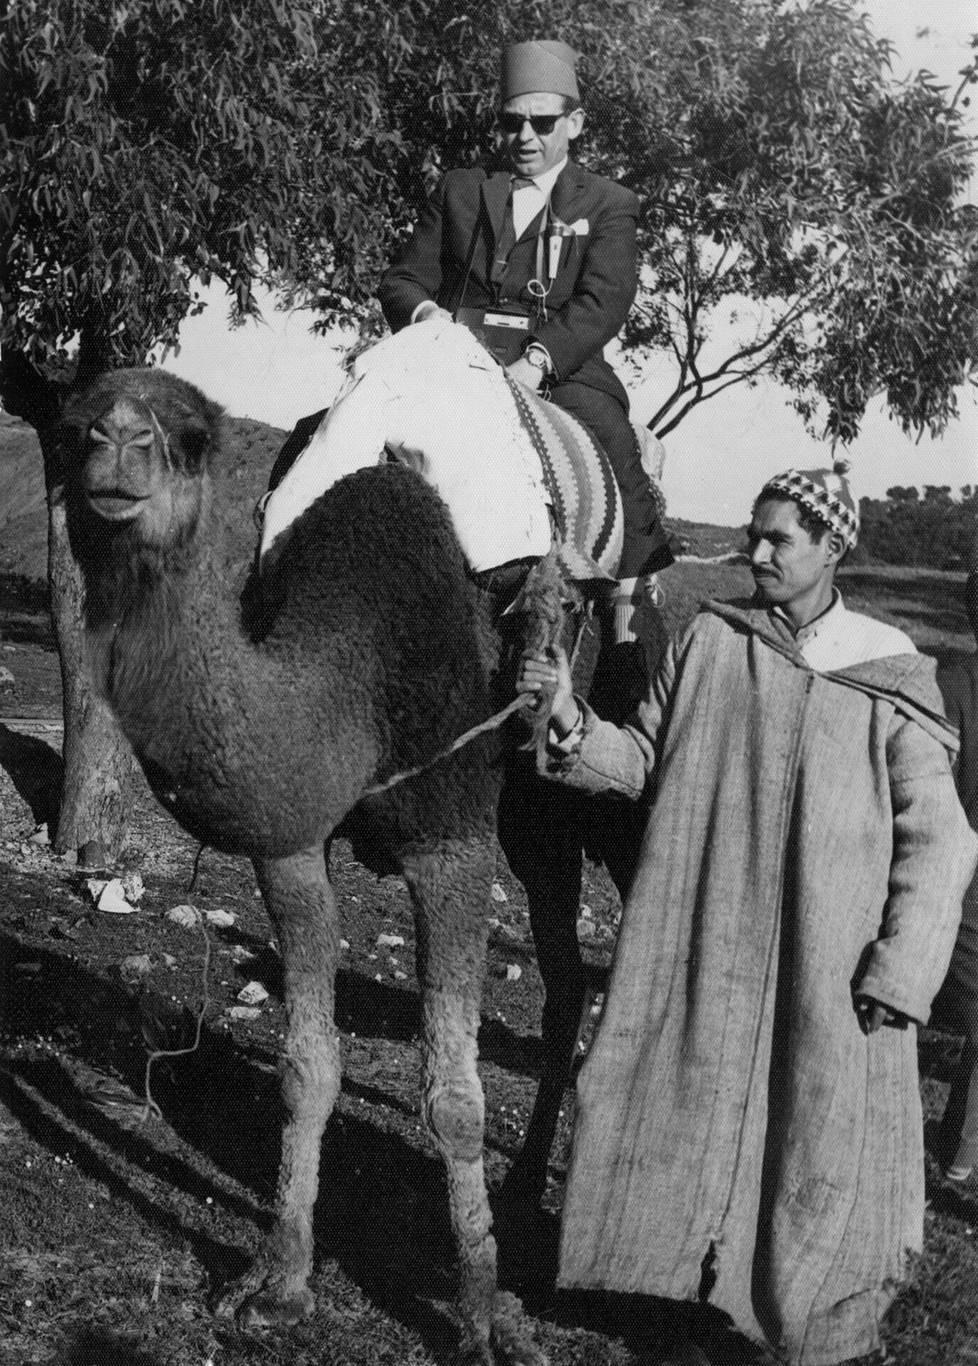 """""""Kameli on kumma otus, oikkuileva, äkkipikainen ja vähän hölmö. Erämaan asukkaille välttämätön ihmekone"""", Esko kirjoitti matkapäiväkirjaan. Kuva Tunisiasta myöhemmältä matkalta."""